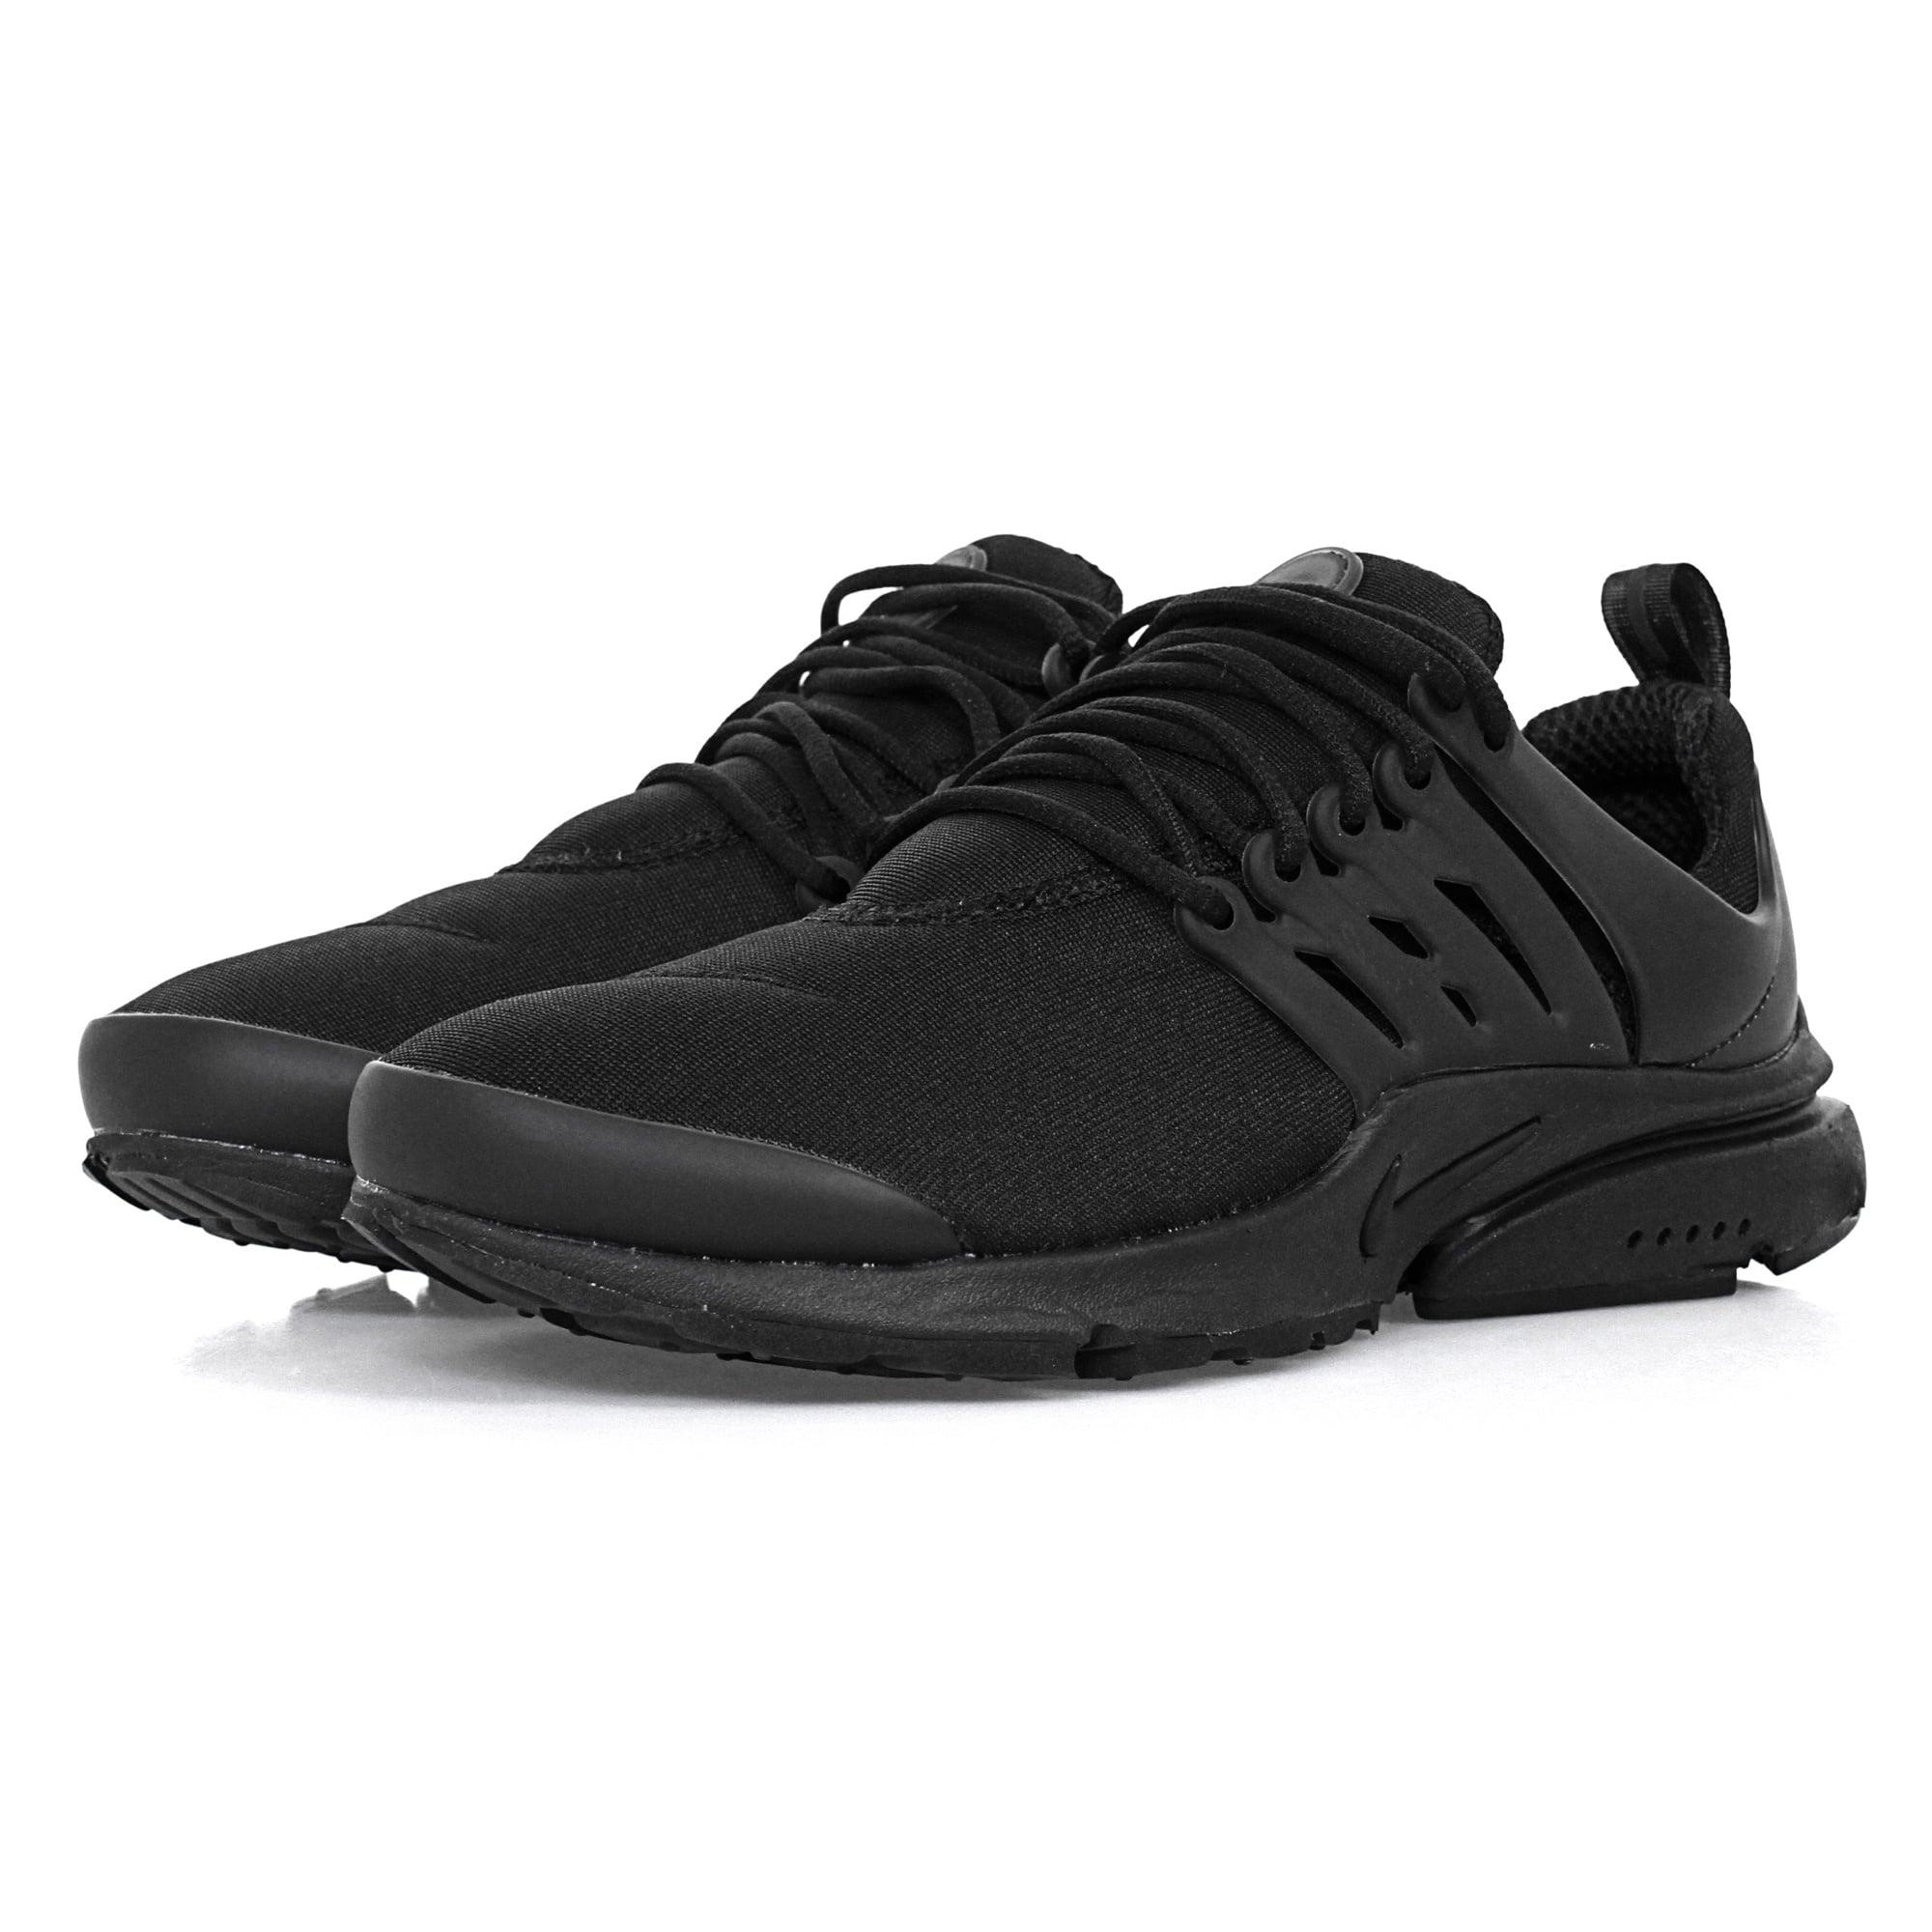 Shoe Company London On